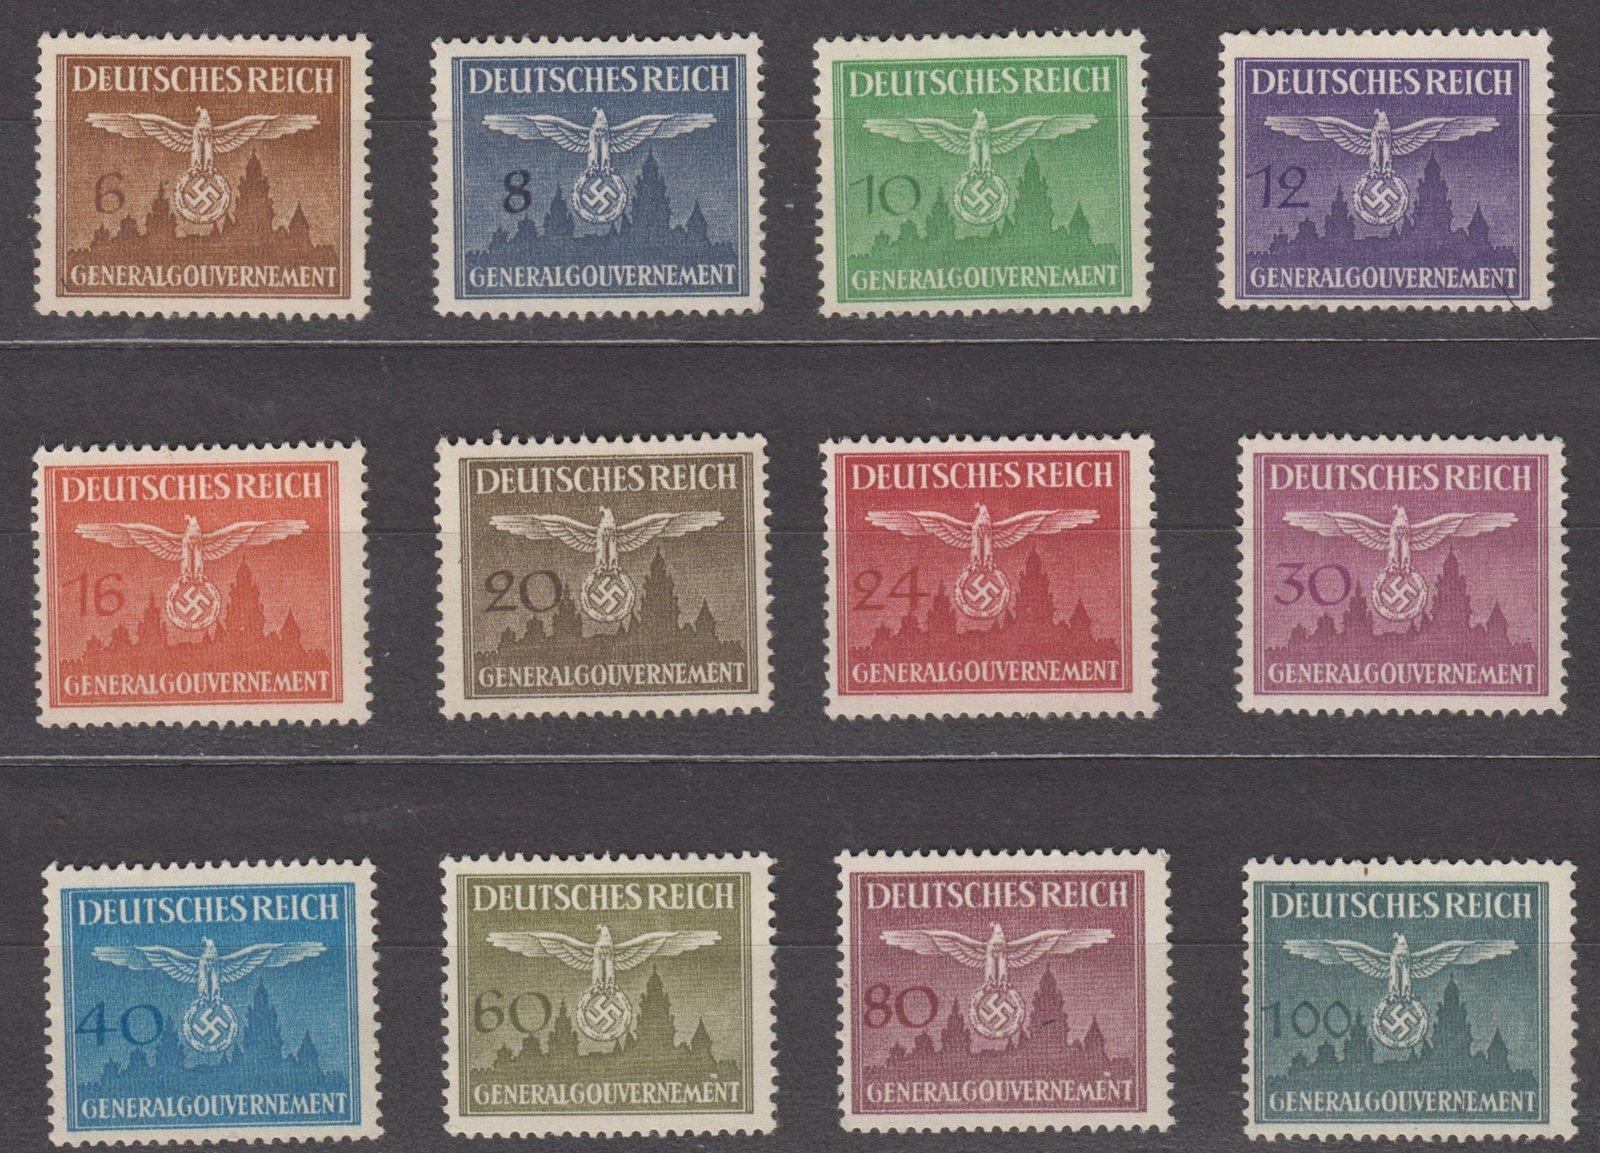 Polandno25 36